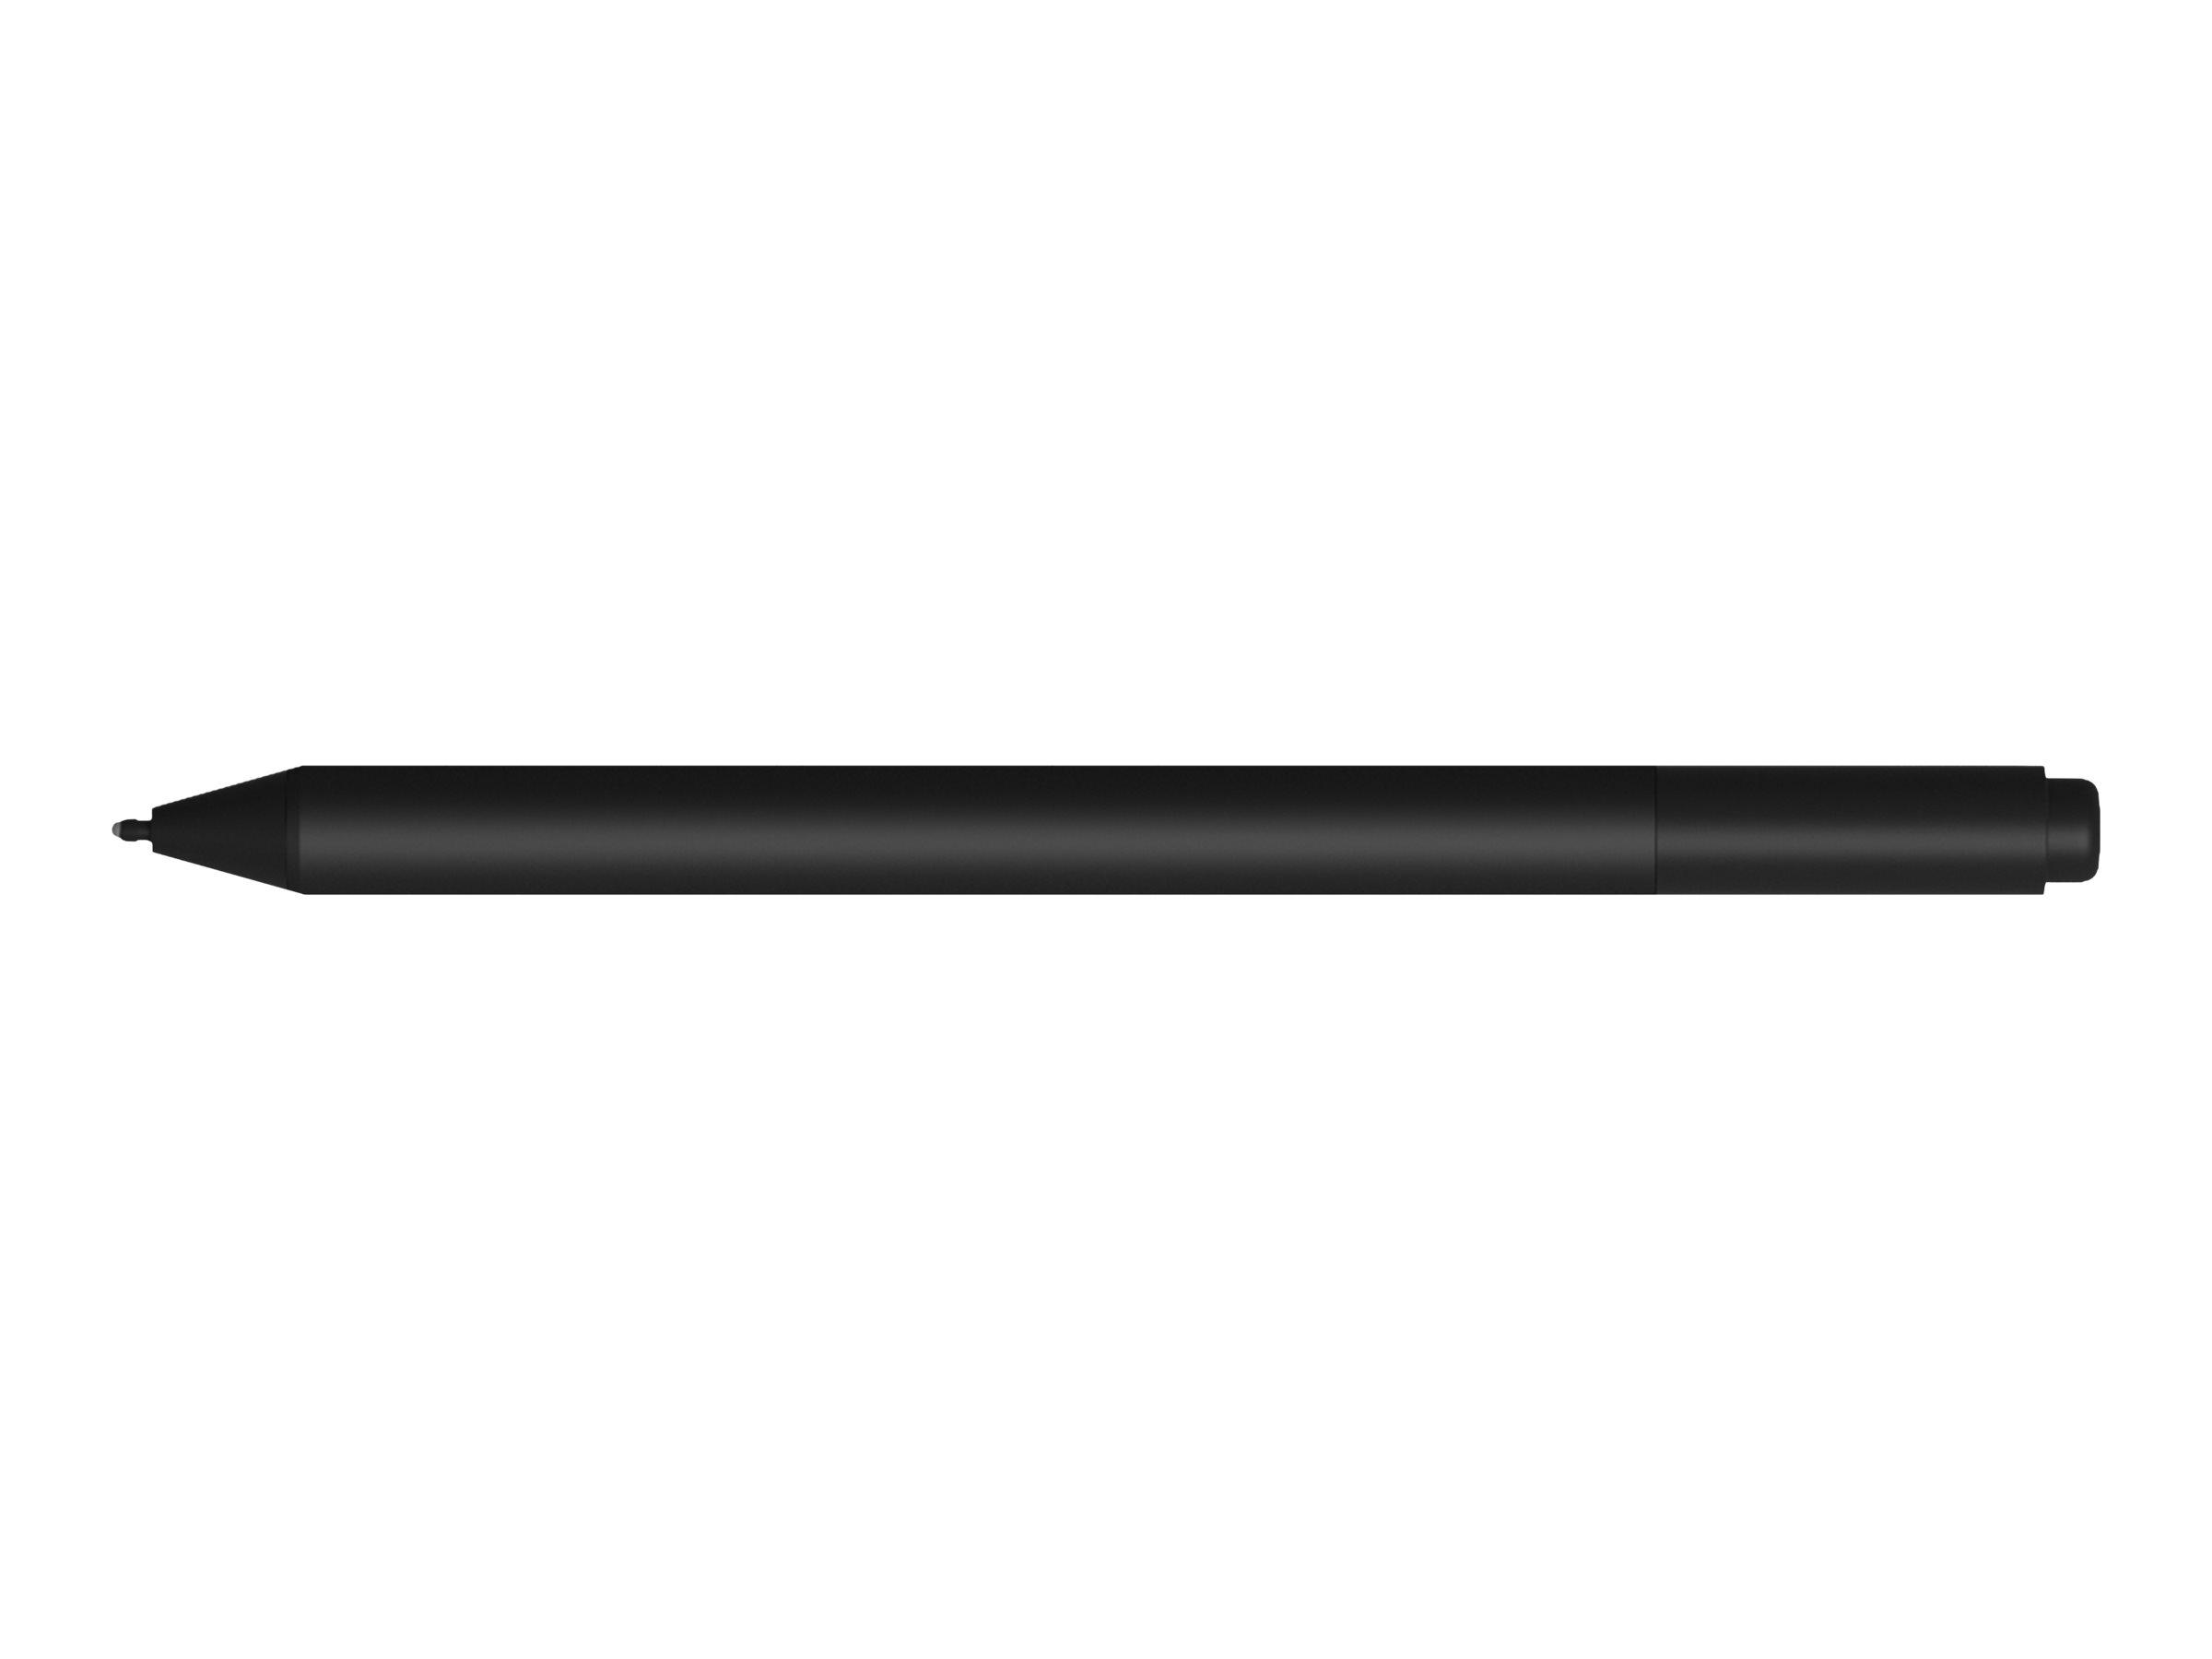 Microsoft Surface Pen M1776 - Stift - 2 Tasten - kabellos - Bluetooth 4.0 - Schwarz